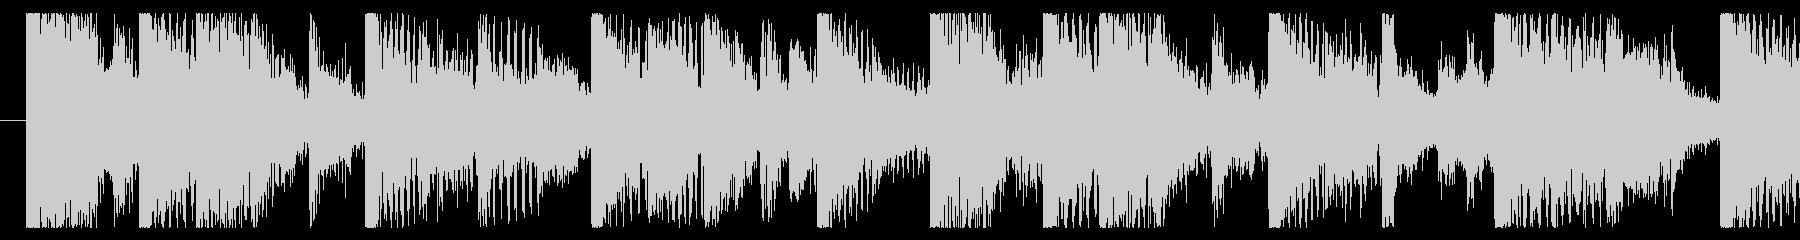 気分の上がるファンクロック-ループ3の未再生の波形